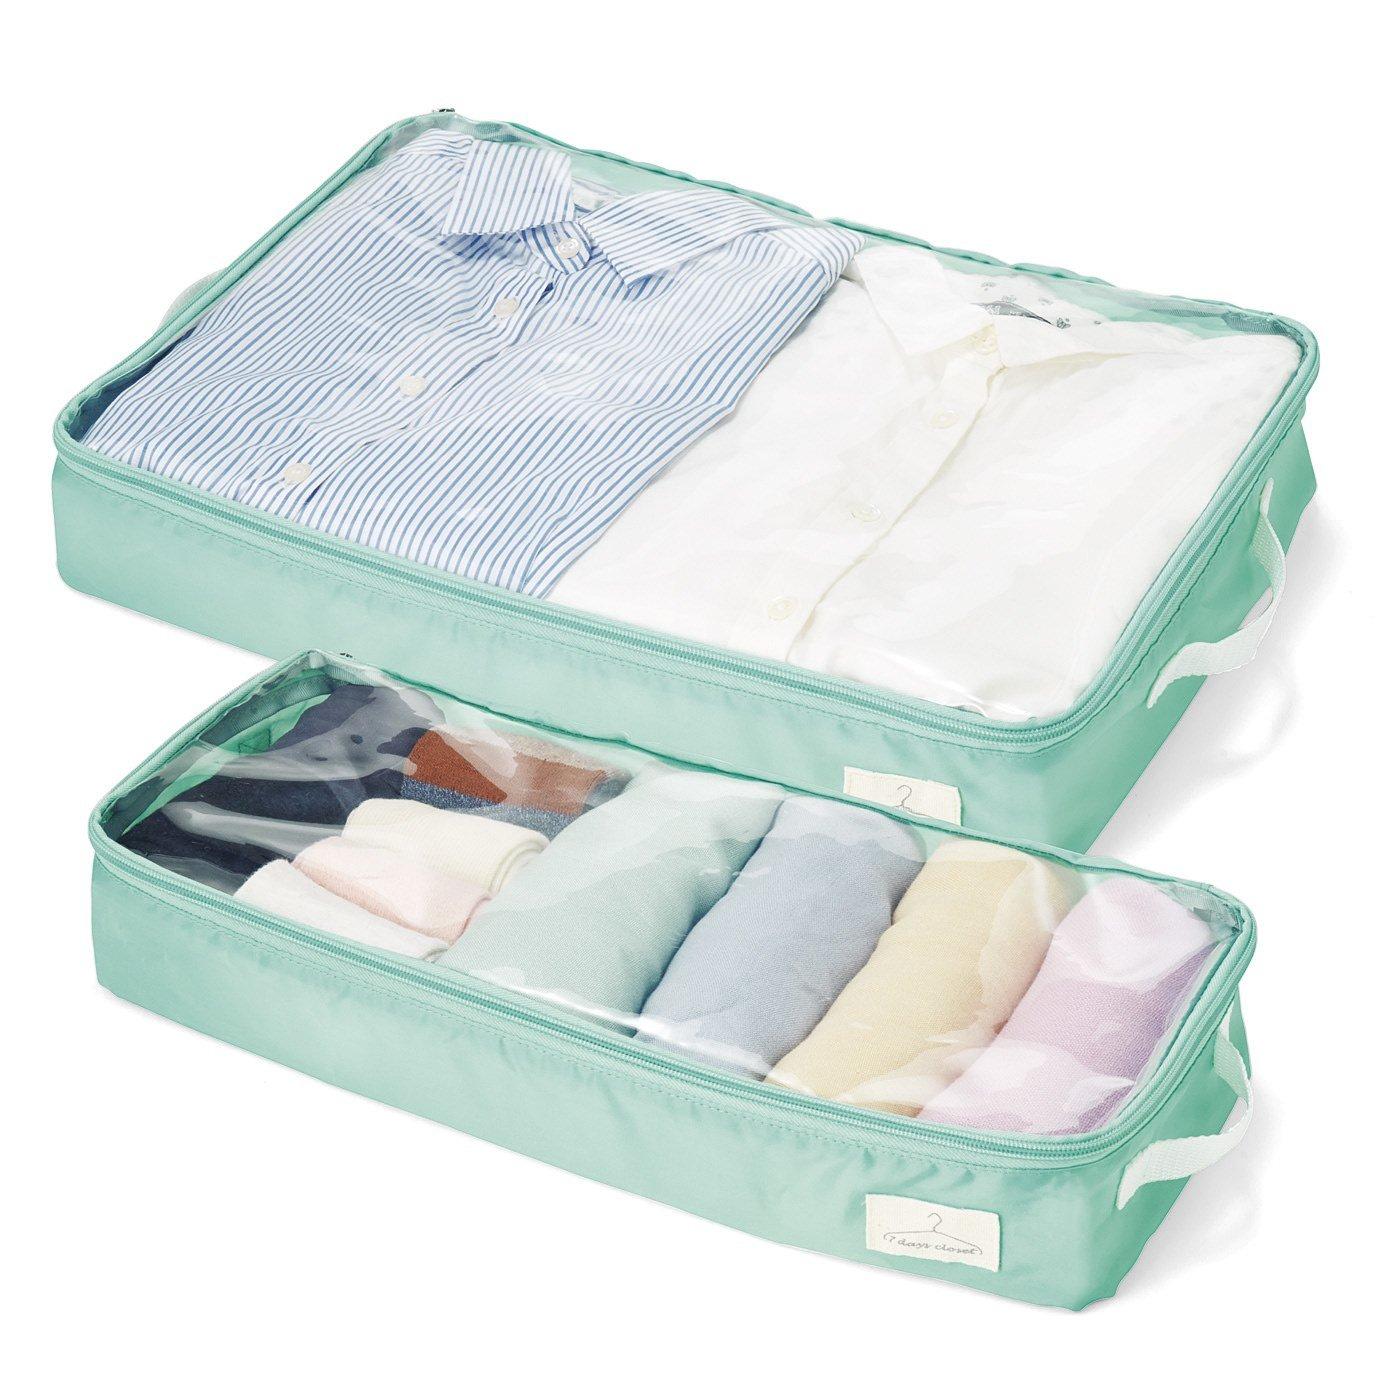 服や小物をすっきり収納&保管できるインナーケースセット〈大・小〉